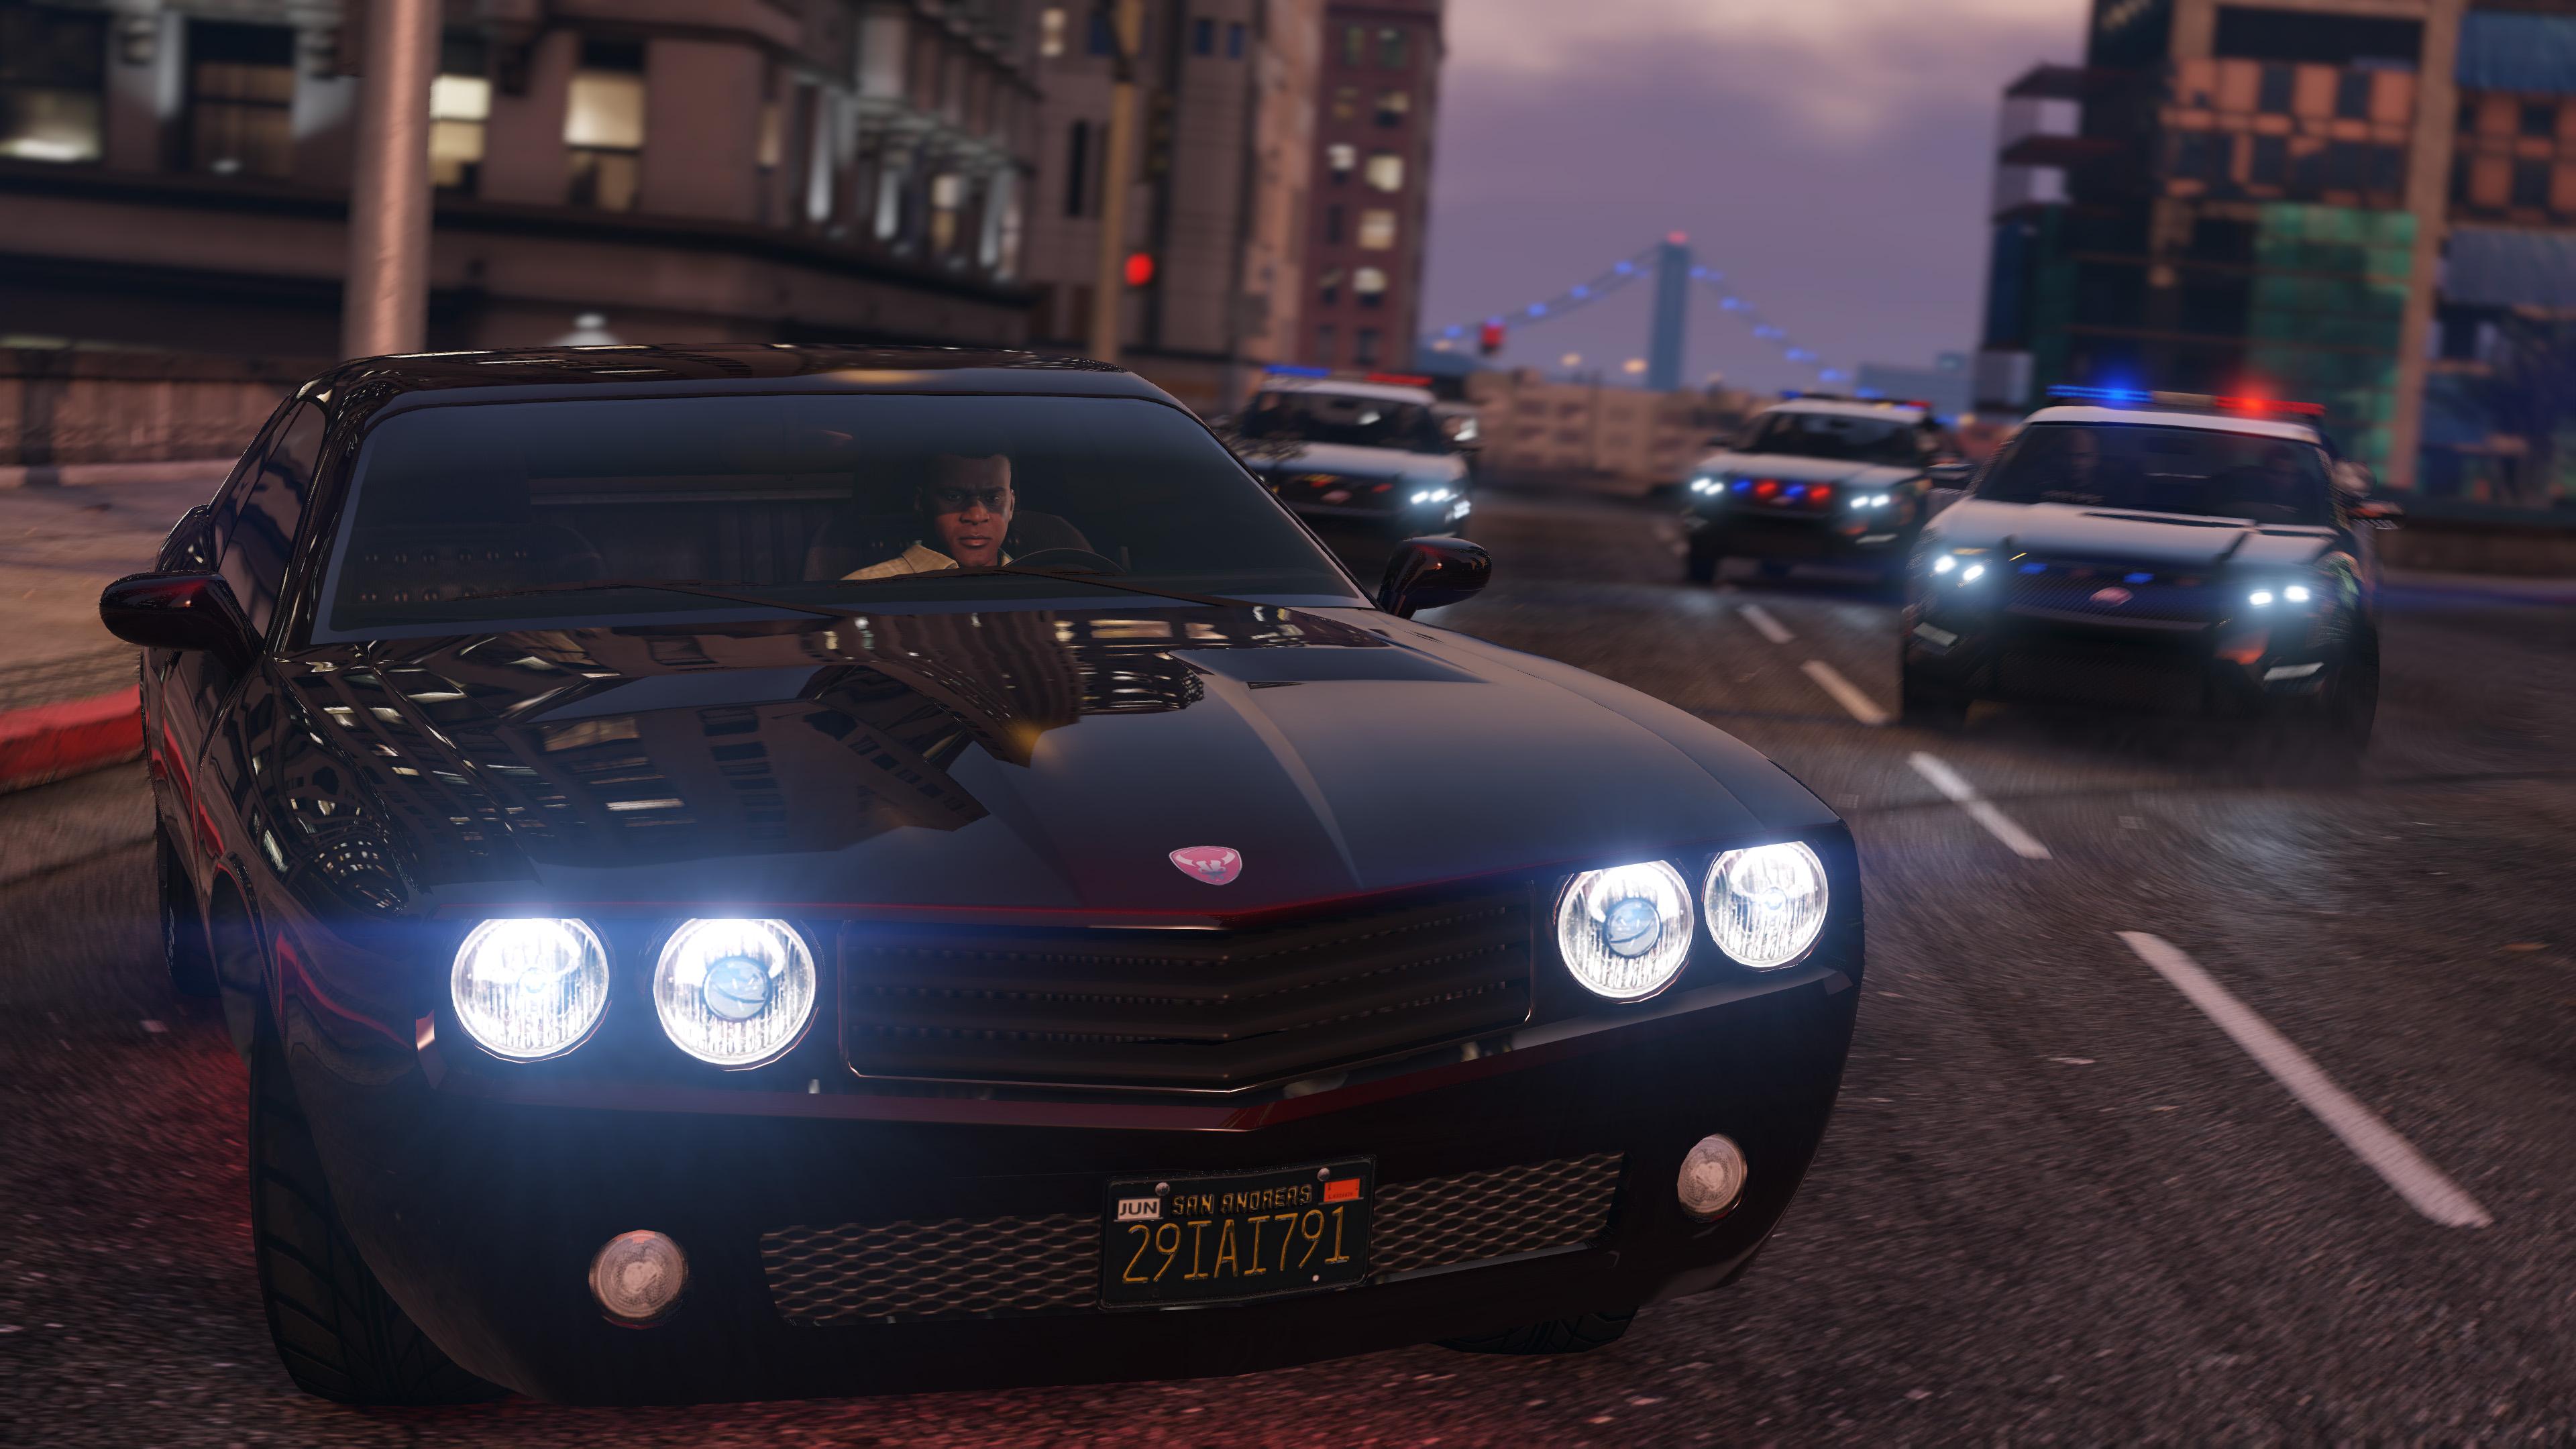 Kwarantanna w świecie gier wideo - hakerzy stosują przymusowy areszt domowy dla graczy w GTA Online